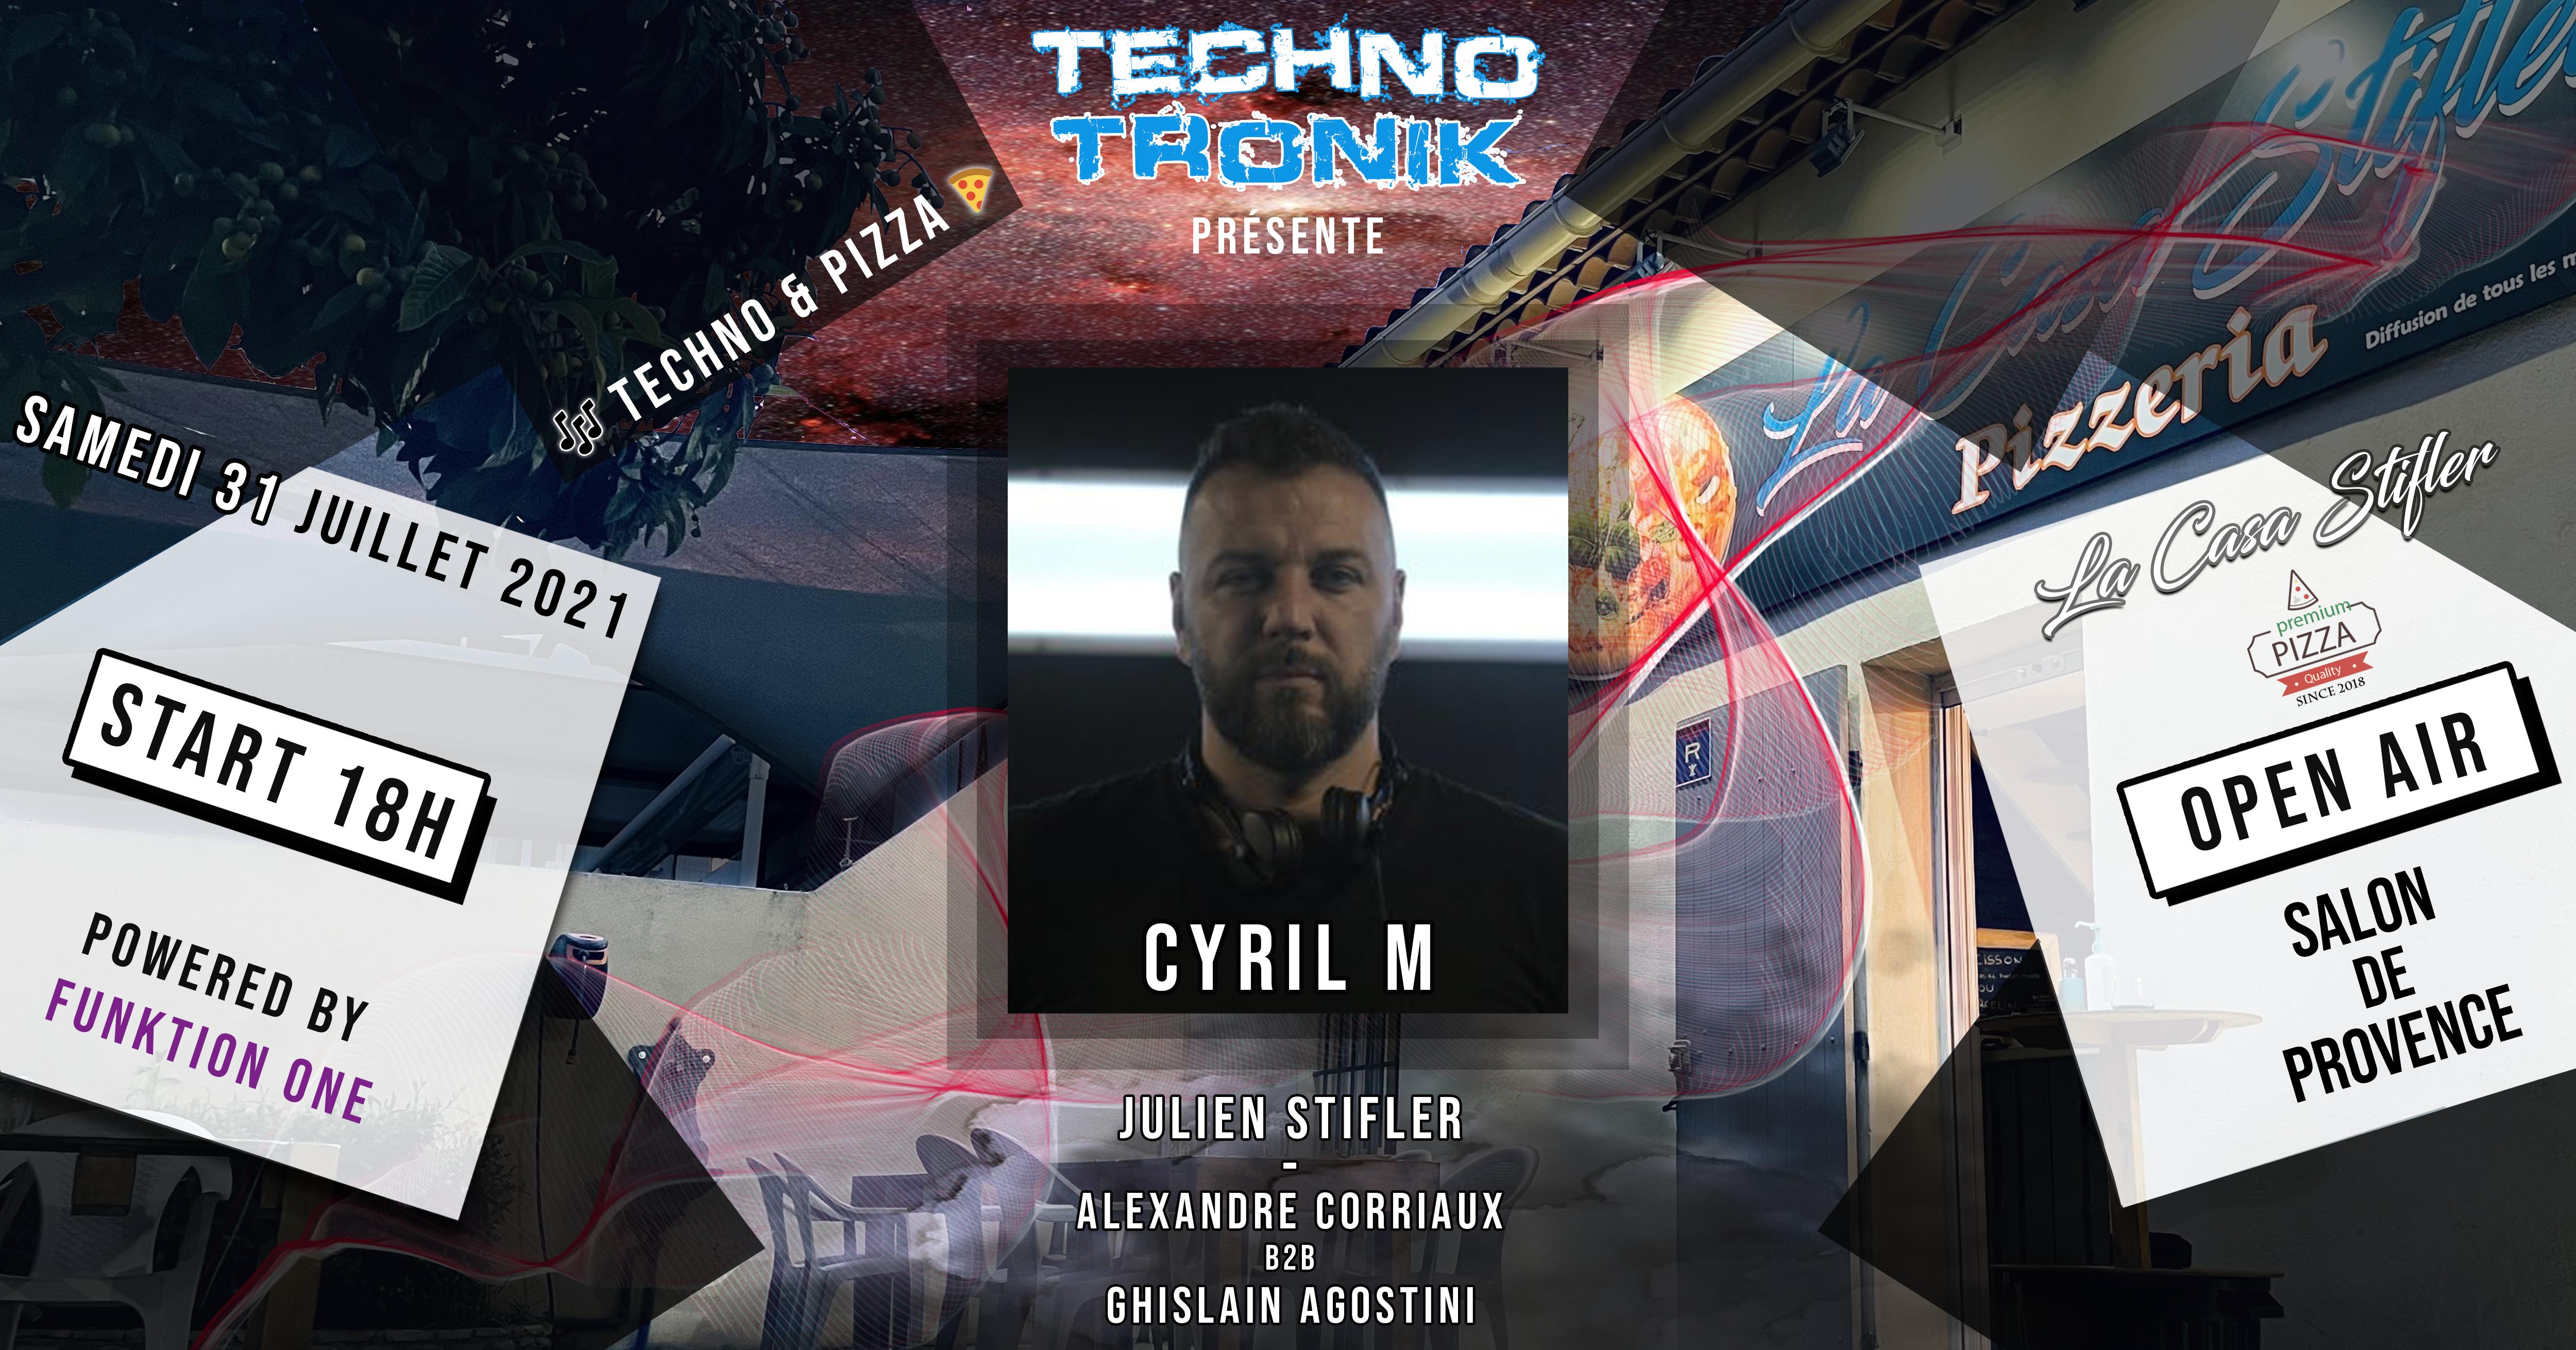 CYRIL M - Techno & Pizza @ La Casa Stifler Salon de Provence